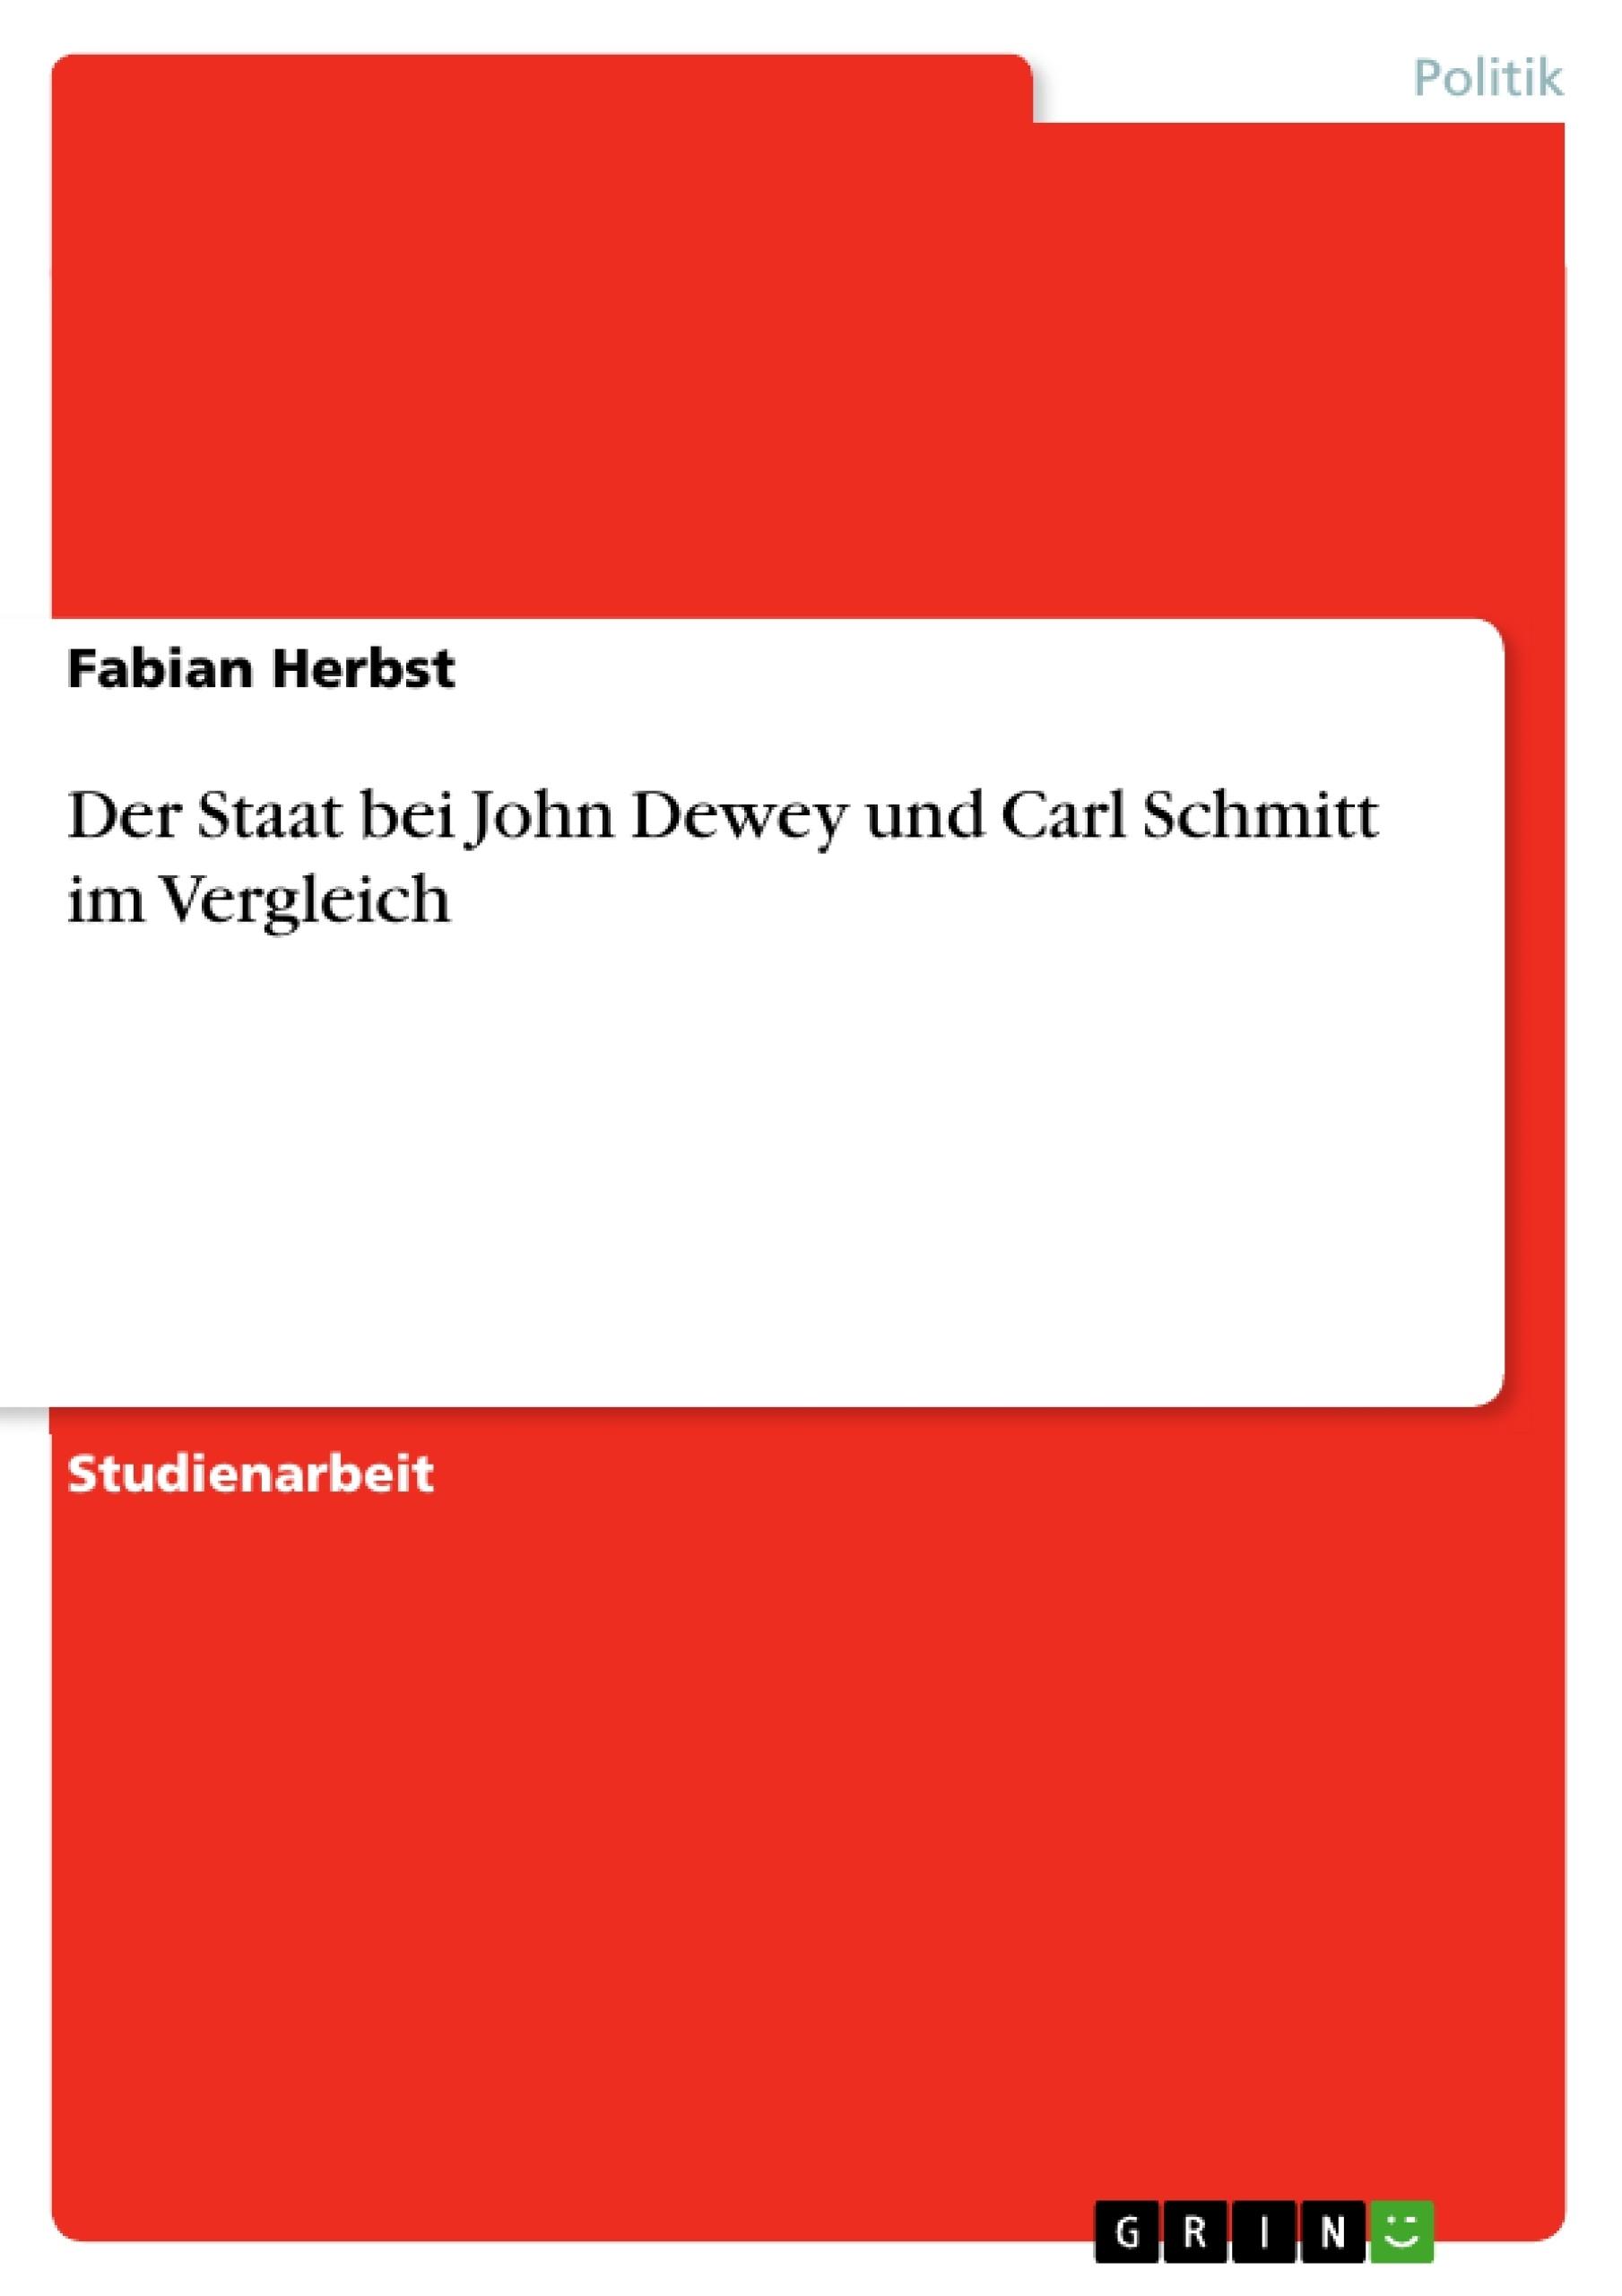 Titel: Der Staat bei John Dewey und Carl Schmitt im Vergleich